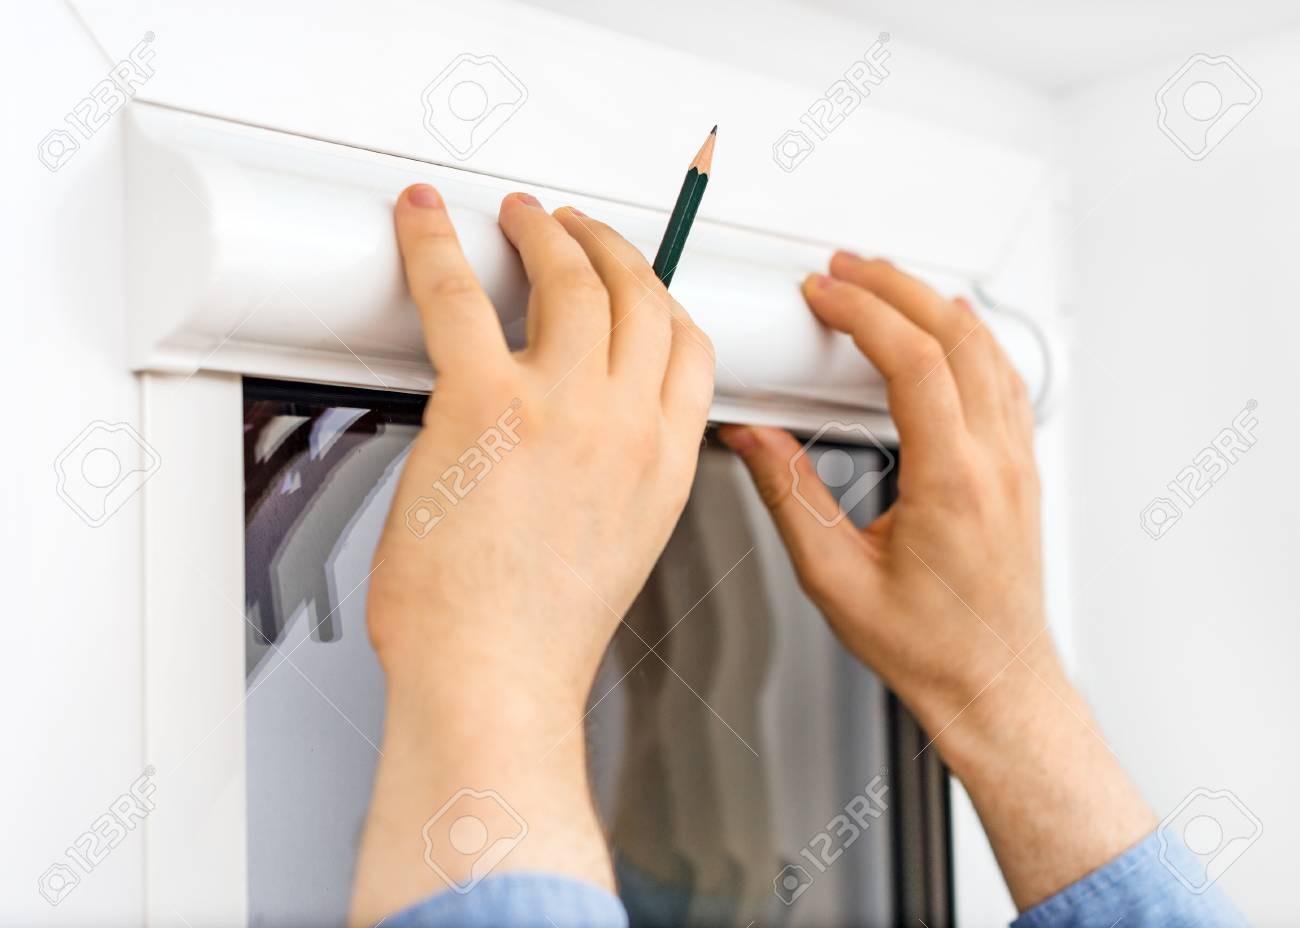 Man installing cassette roller blinds on windows. - 65136121